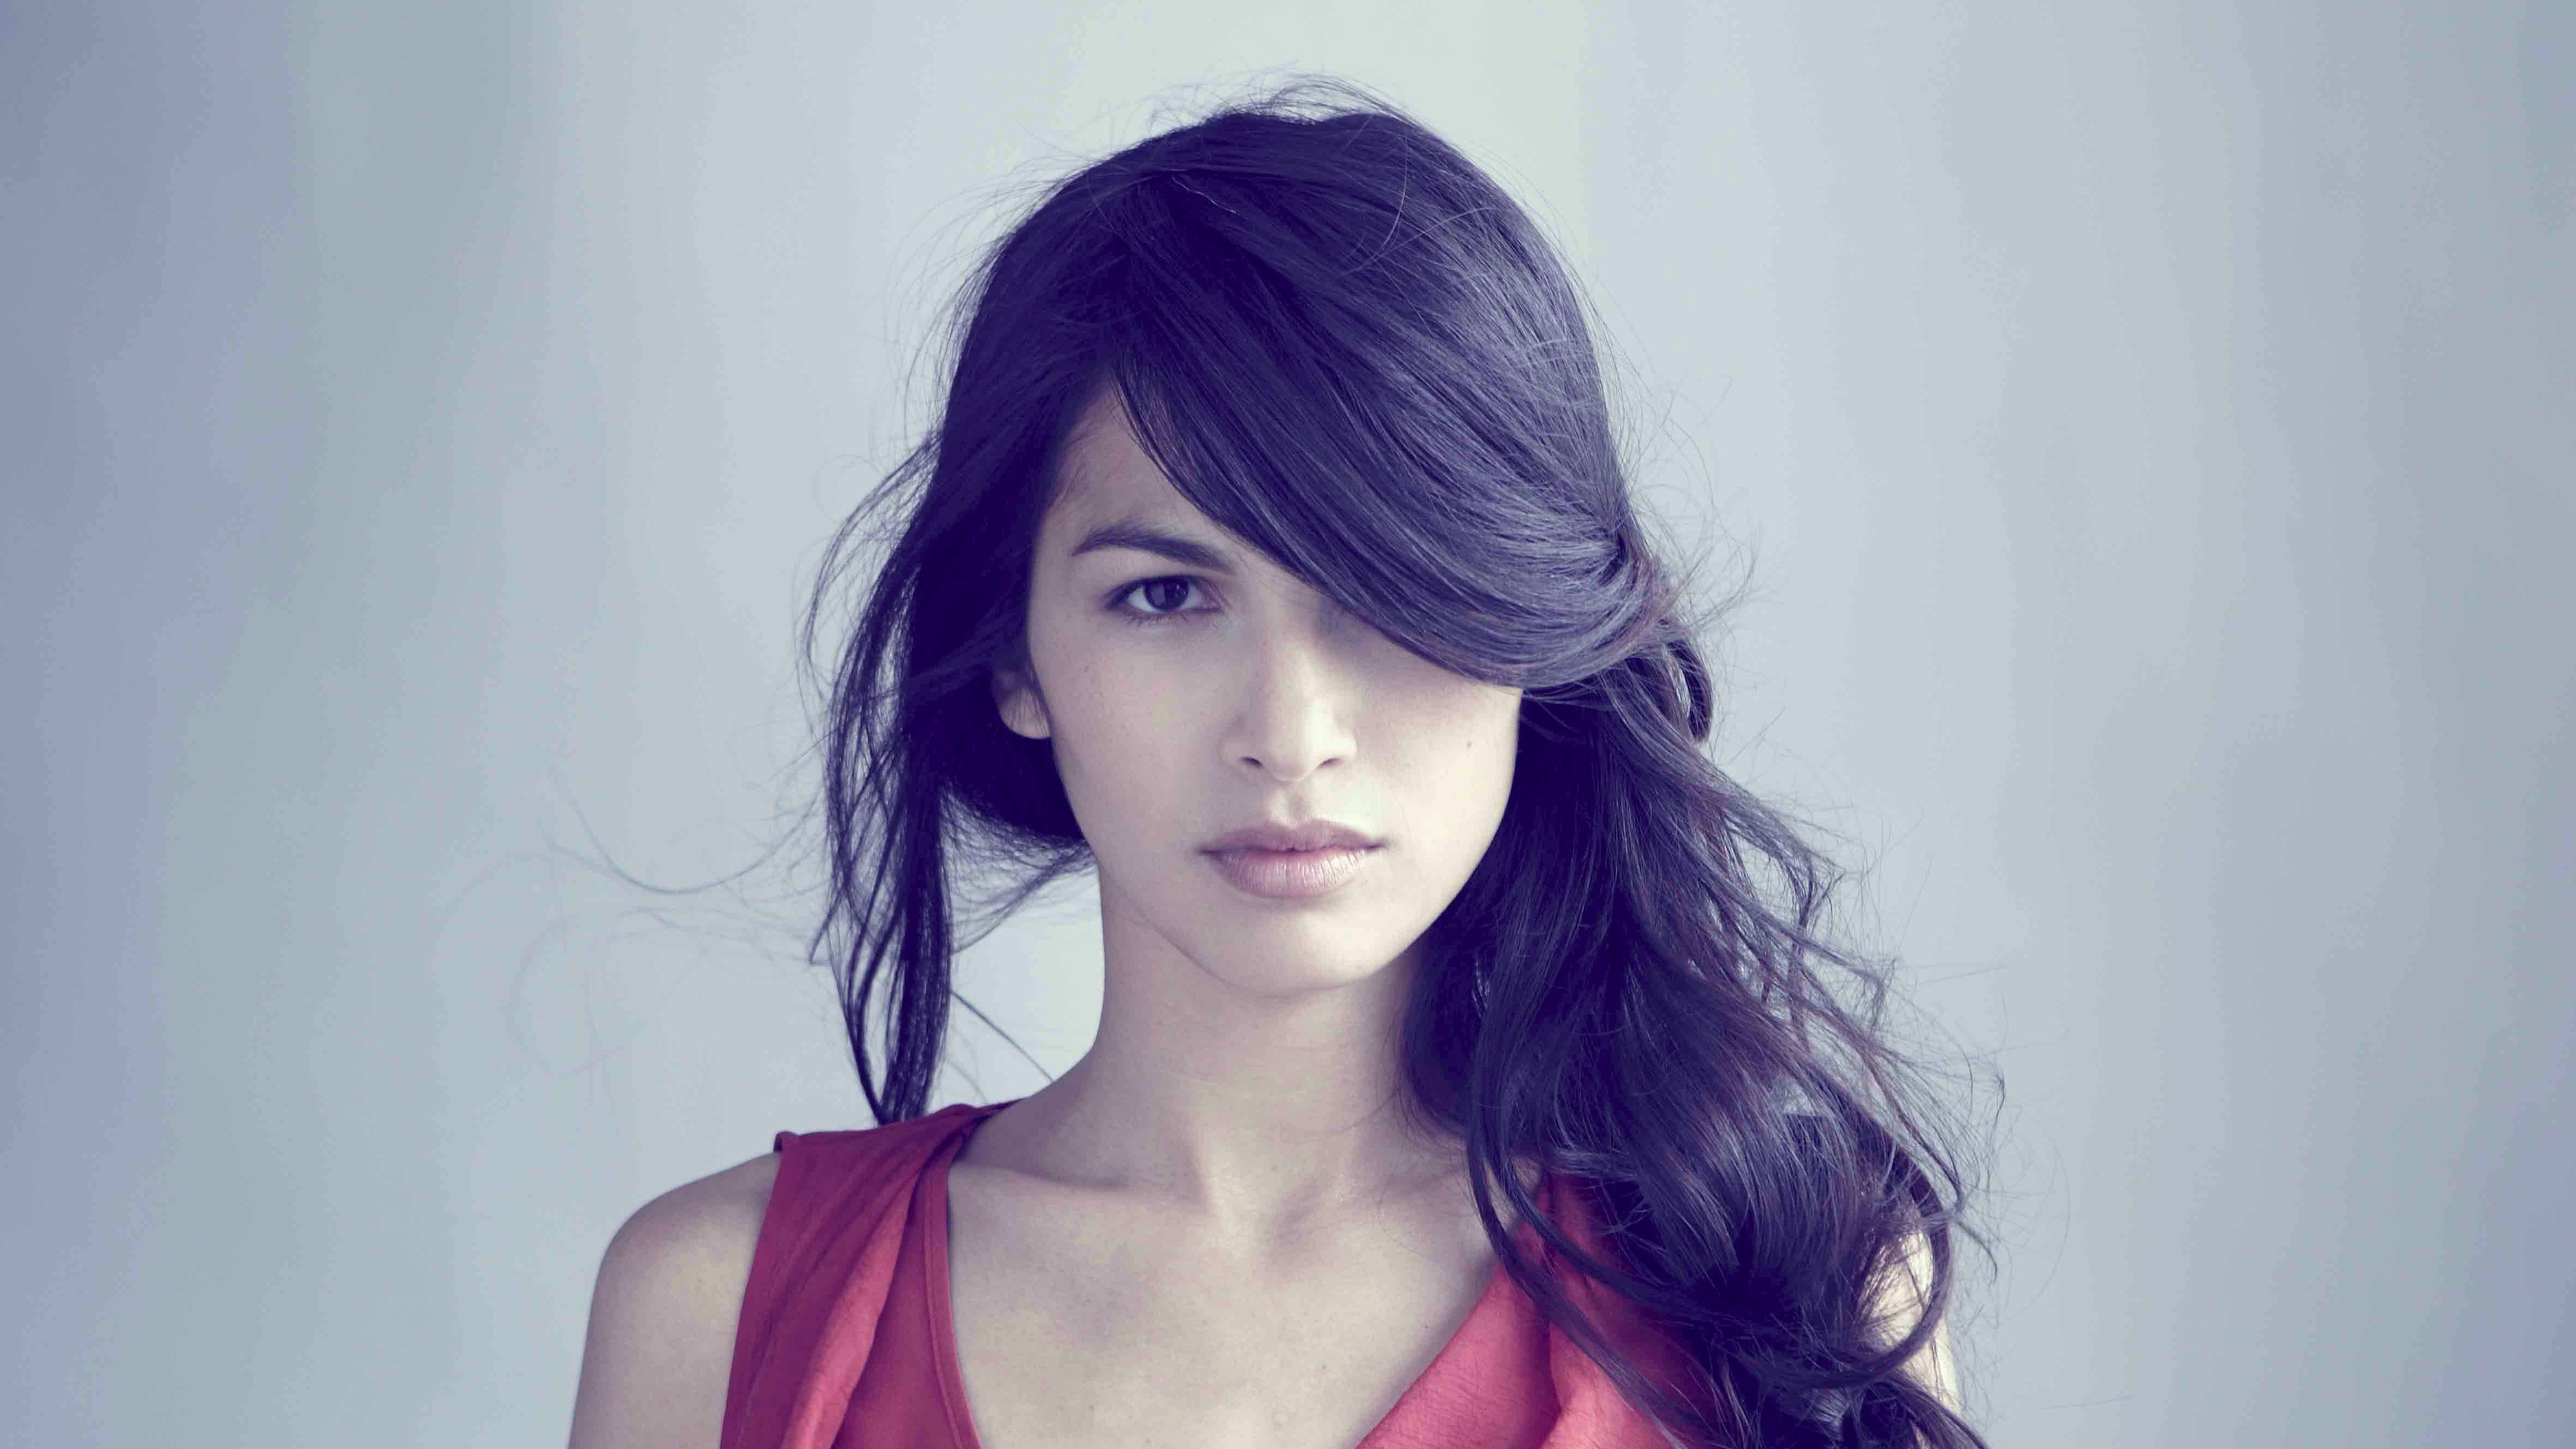 elodie yung 2019 4k 1536863006 - Elodie Yung 2019 4k - hd-wallpapers, girls wallpapers, elodie yung wallpapers, celebrities wallpapers, 4k-wallpapers